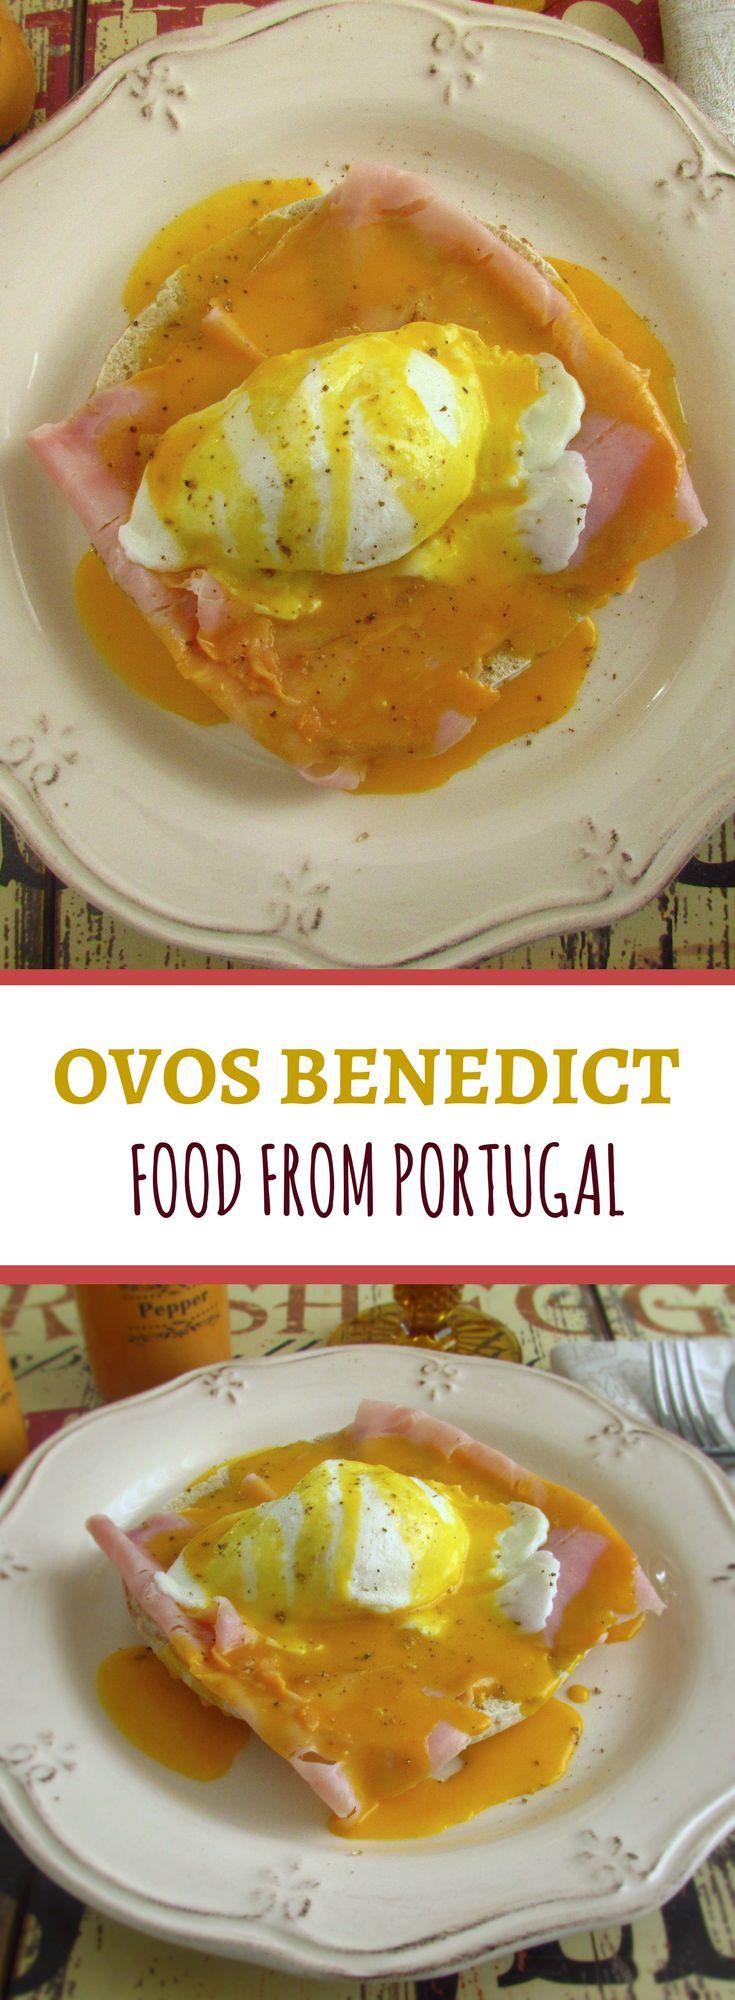 Ovos benedict | Food From Portugal. Ovos benedict é uma receita deliciosa, ovos escalfados em água temperada com um raminho de coentros, acompanhado com pão e fiambre e com um molho feito à base de sumo de limão, gemas de ovo, margarina e pimenta. #receita #ovo #benedict